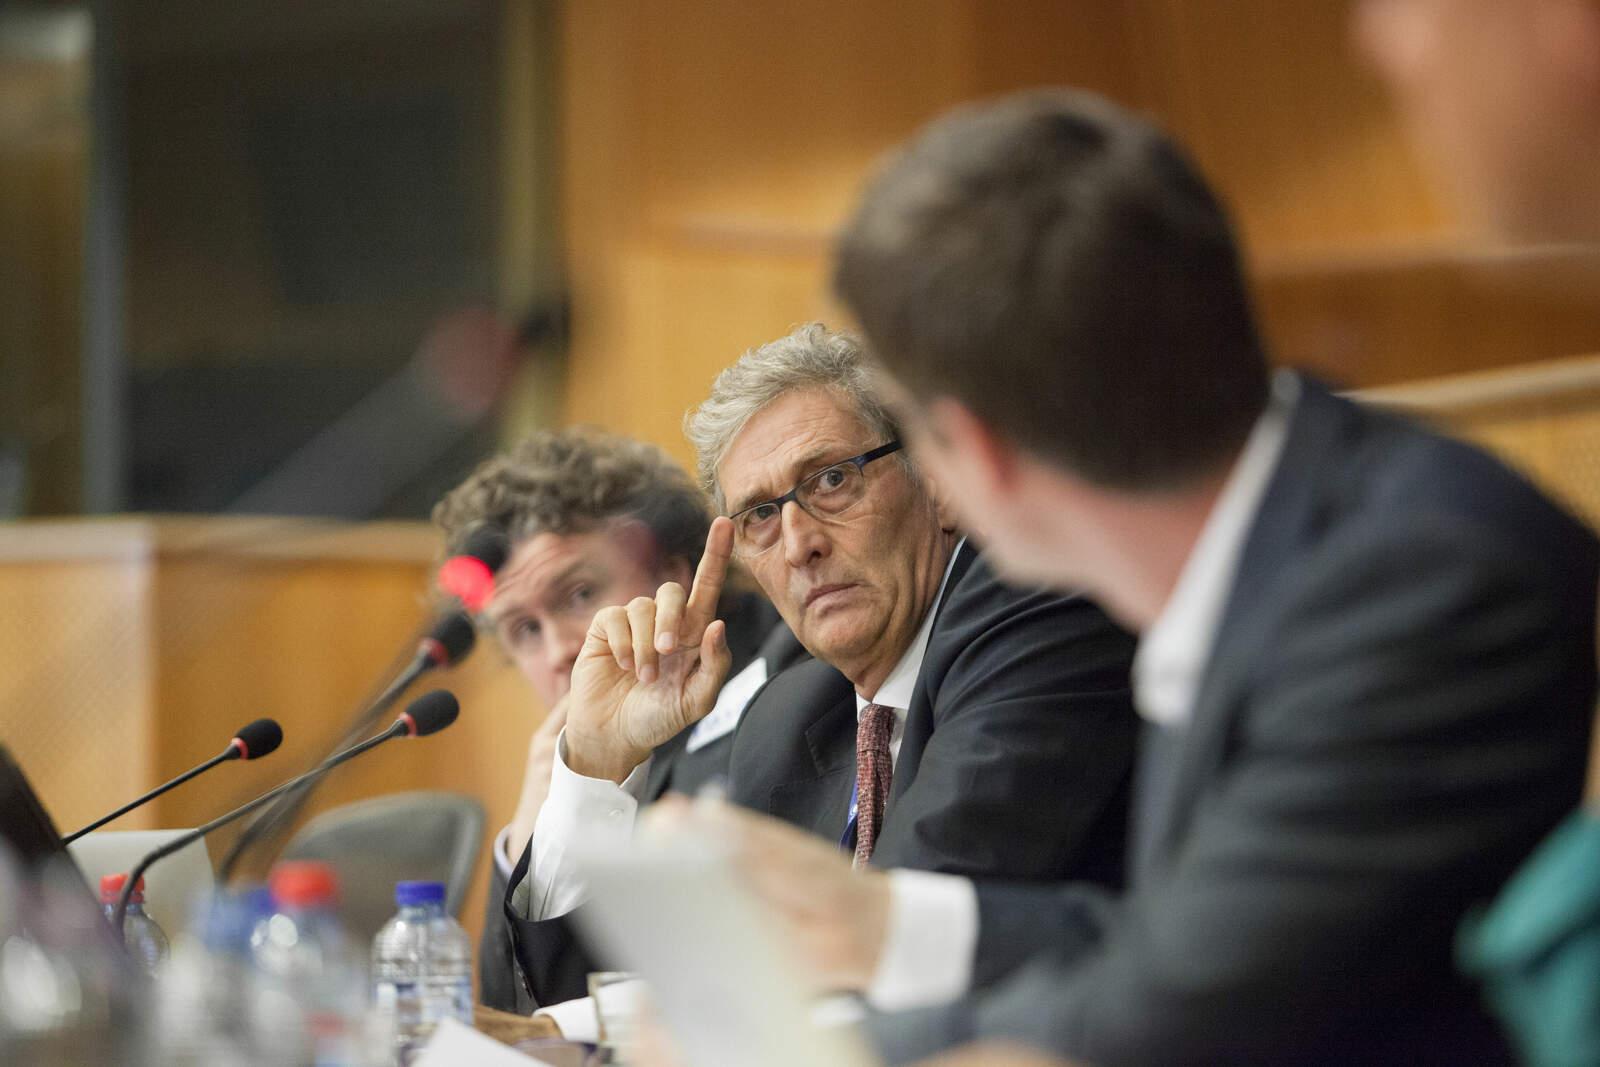 El director executiu de l'EMA, Guido Rasi, durant una compareixença